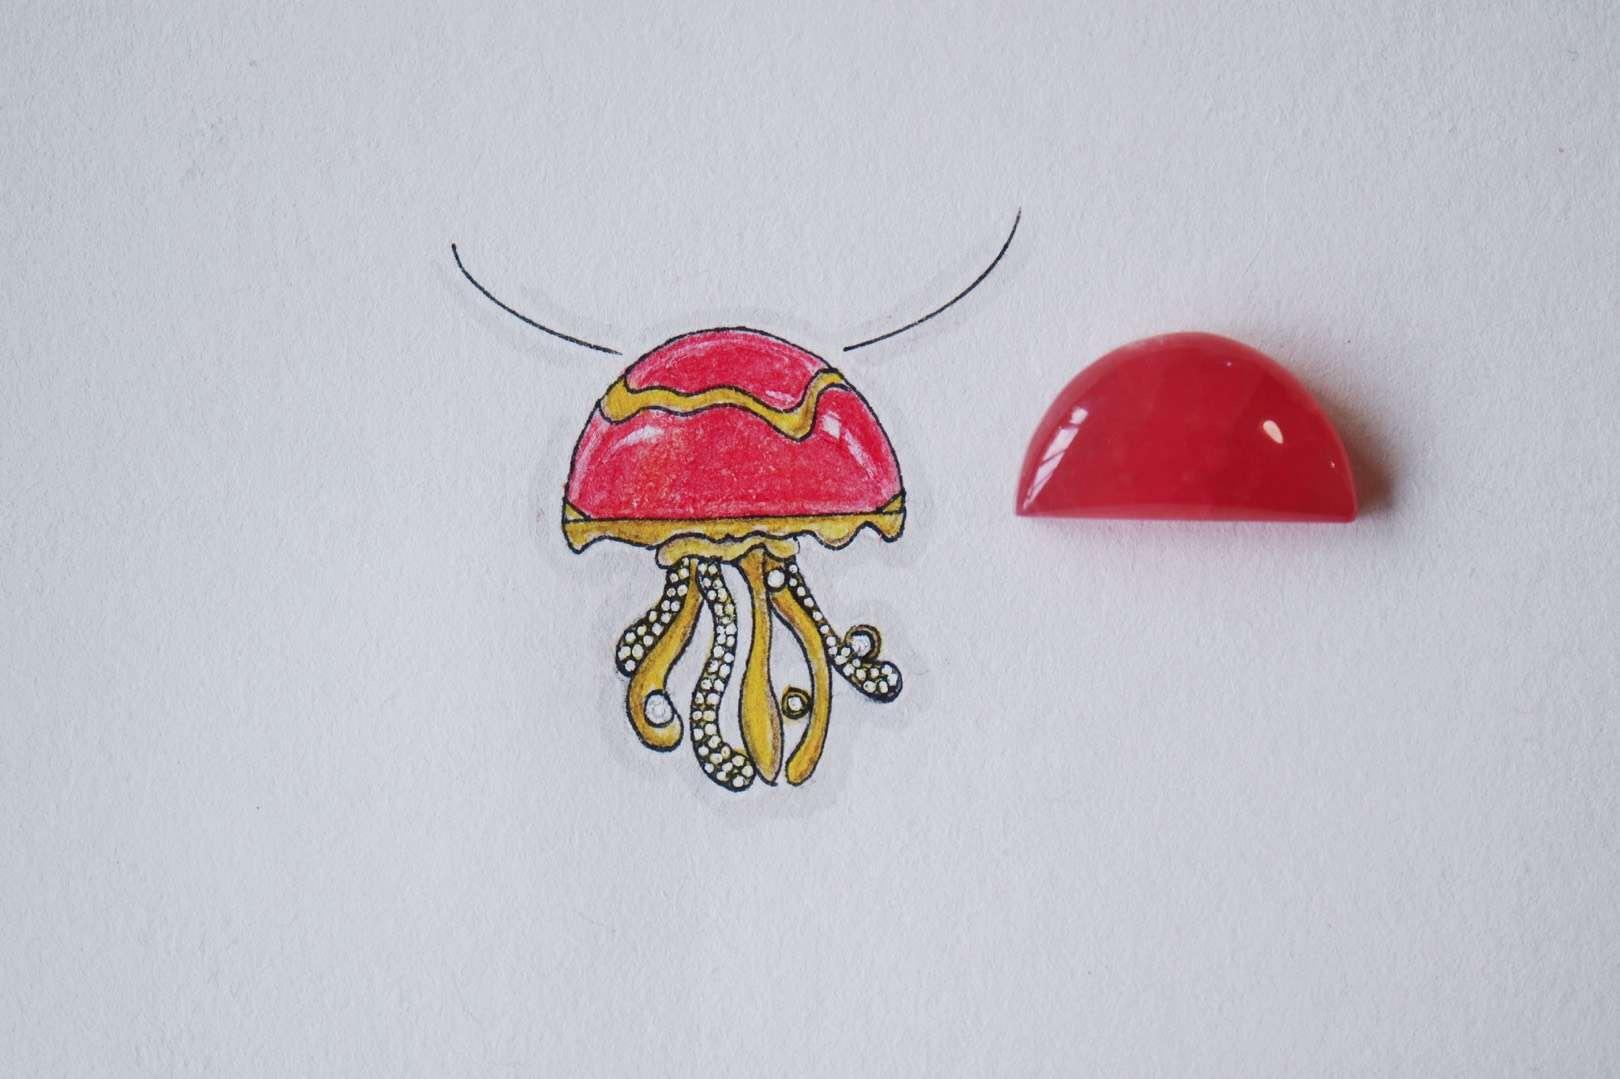 【菩心-红纹石】可爱的红纹石章鱼吊坠,寓意八方来财。-菩心晶舍